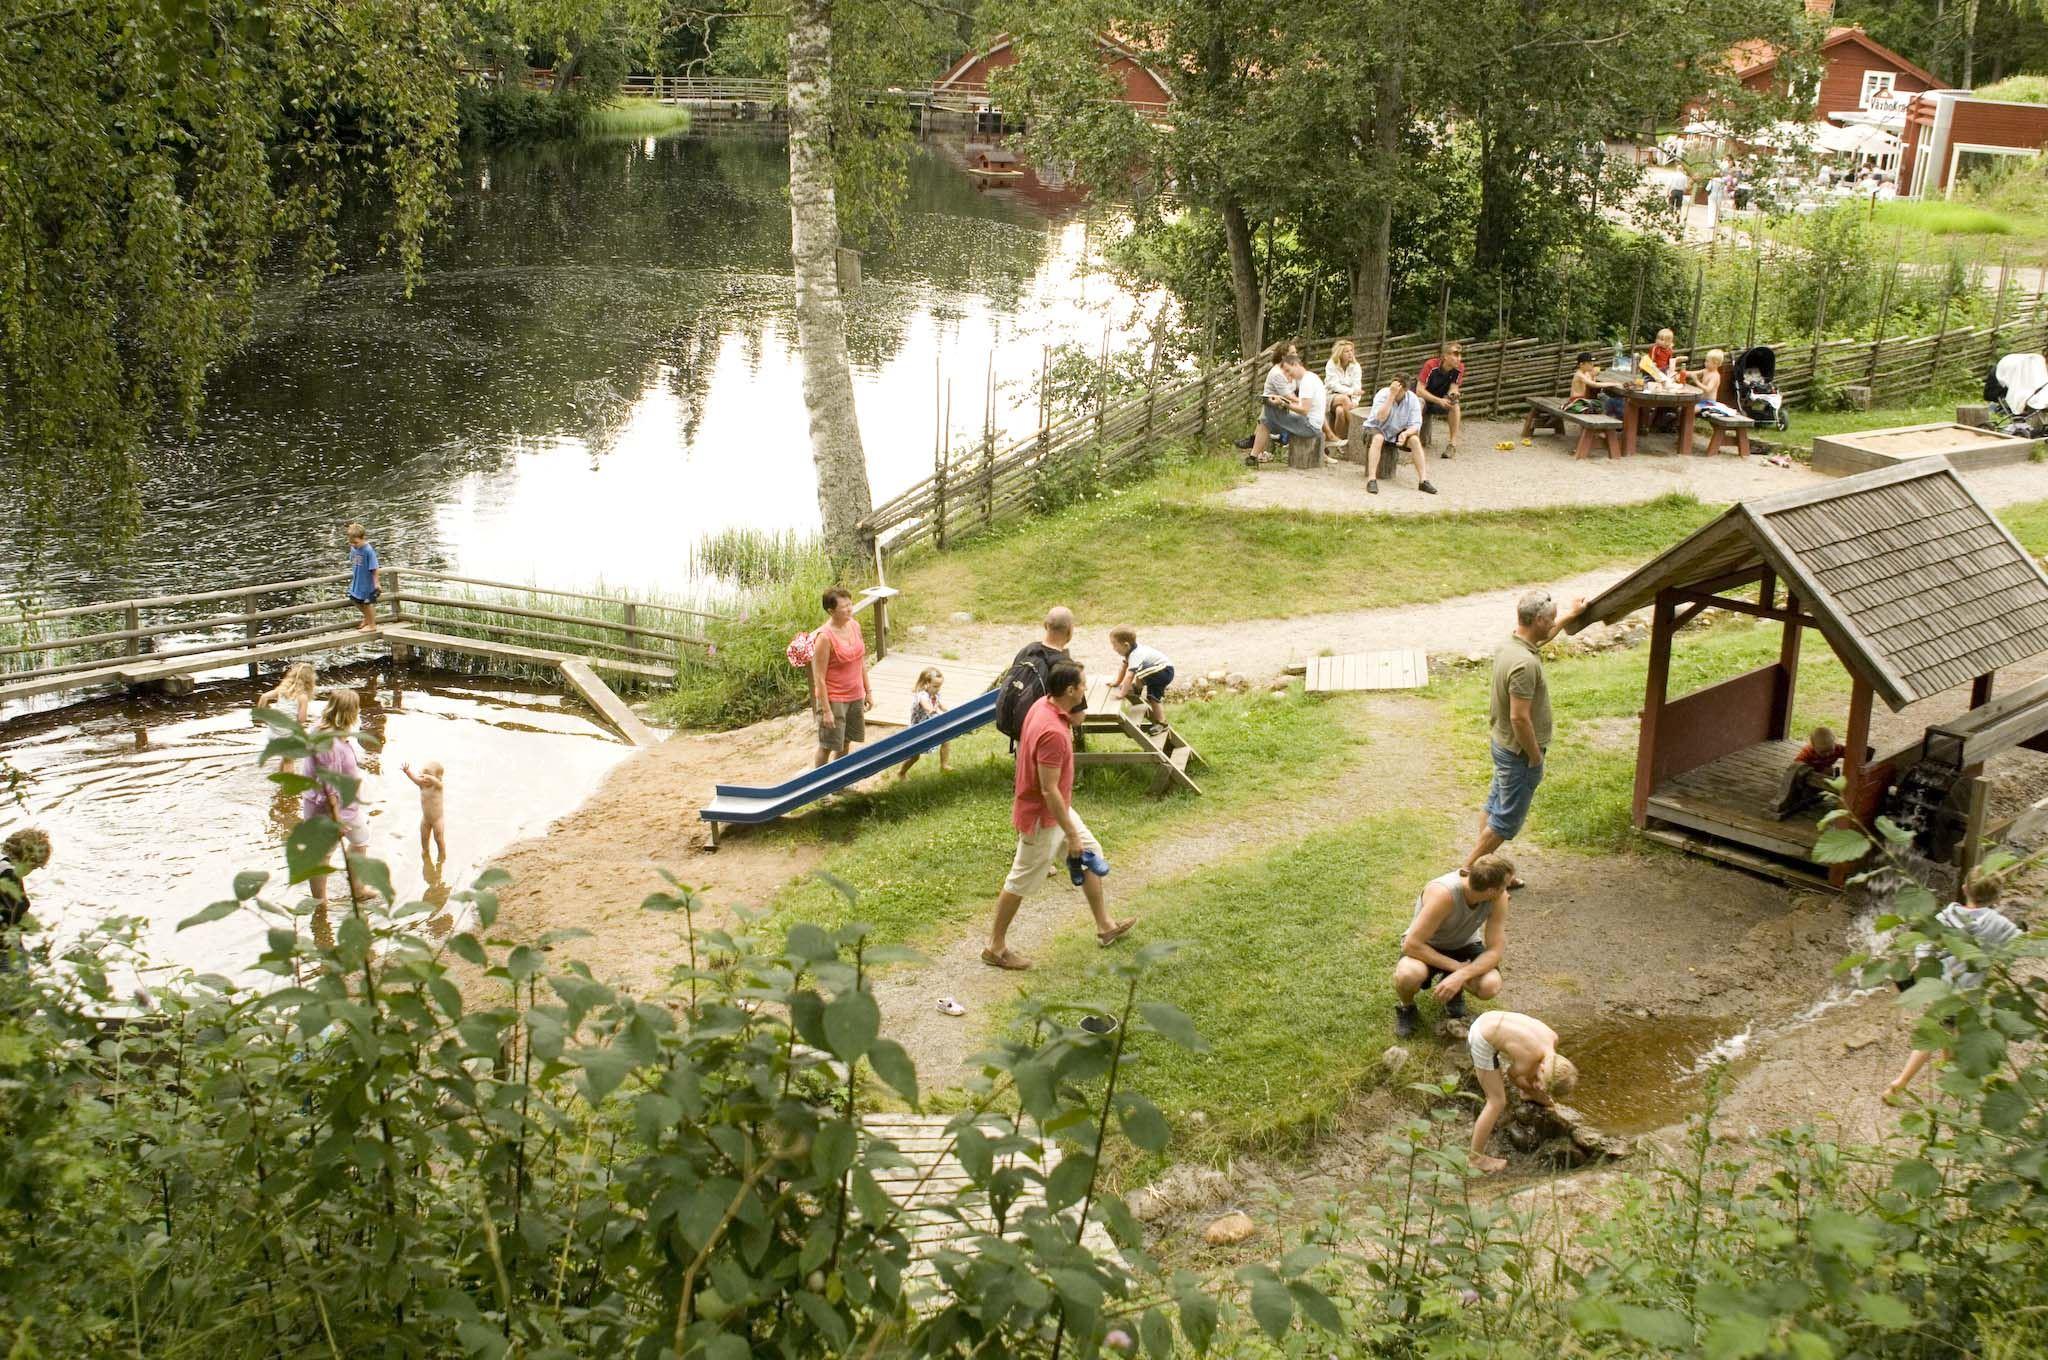 Barnens populära lekplats Kvarnleken ingår naturligtvis i midsommarfirandet